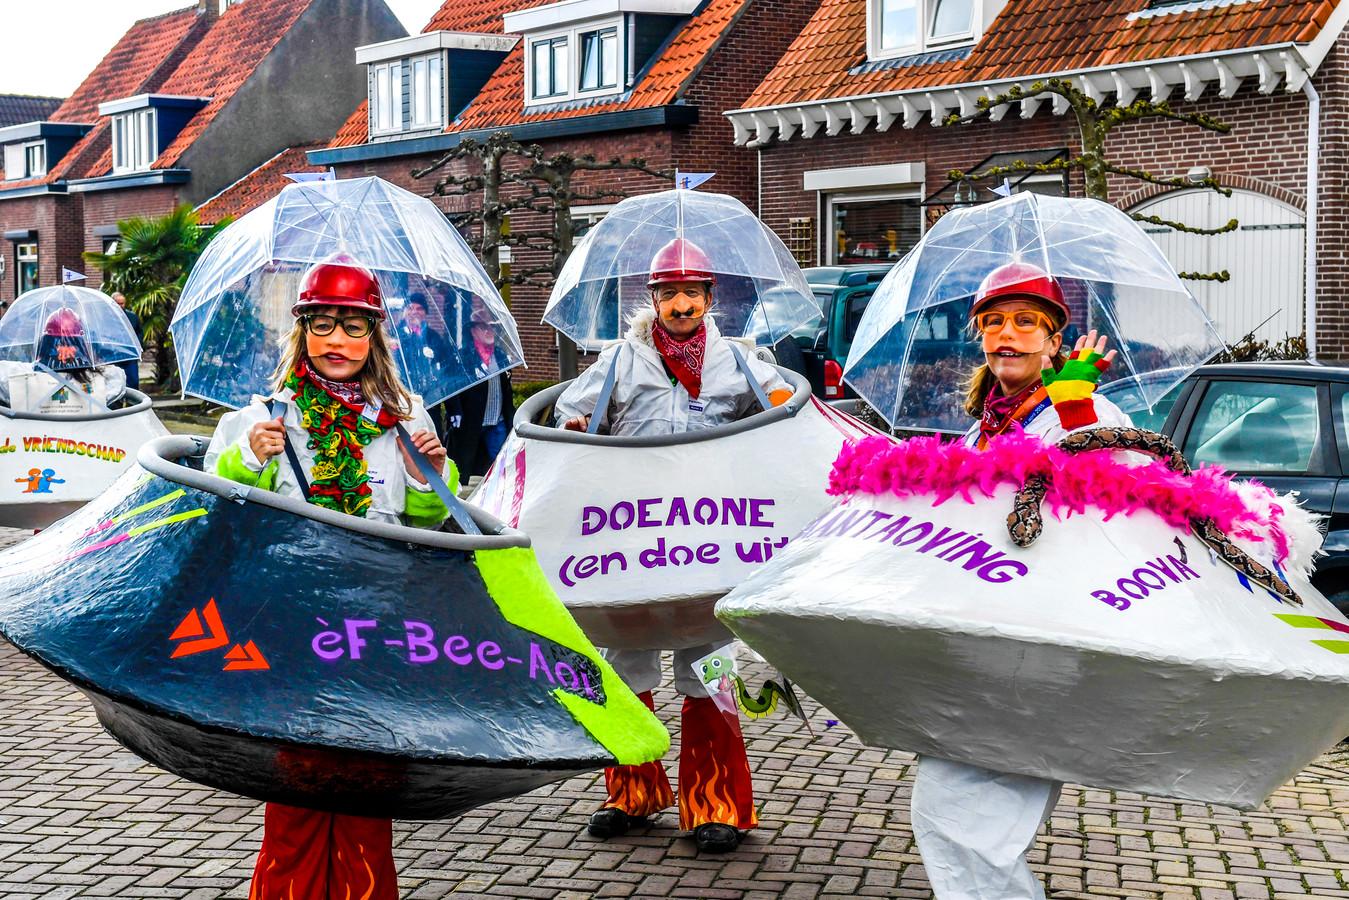 In Steenbergen hopen ze dinsdag geen paraplu's nodig te hebben. Ze introduceren wel een stormklasse voor gedupeerde grote wagens die nog amper een optocht hebben kunnen rijden.